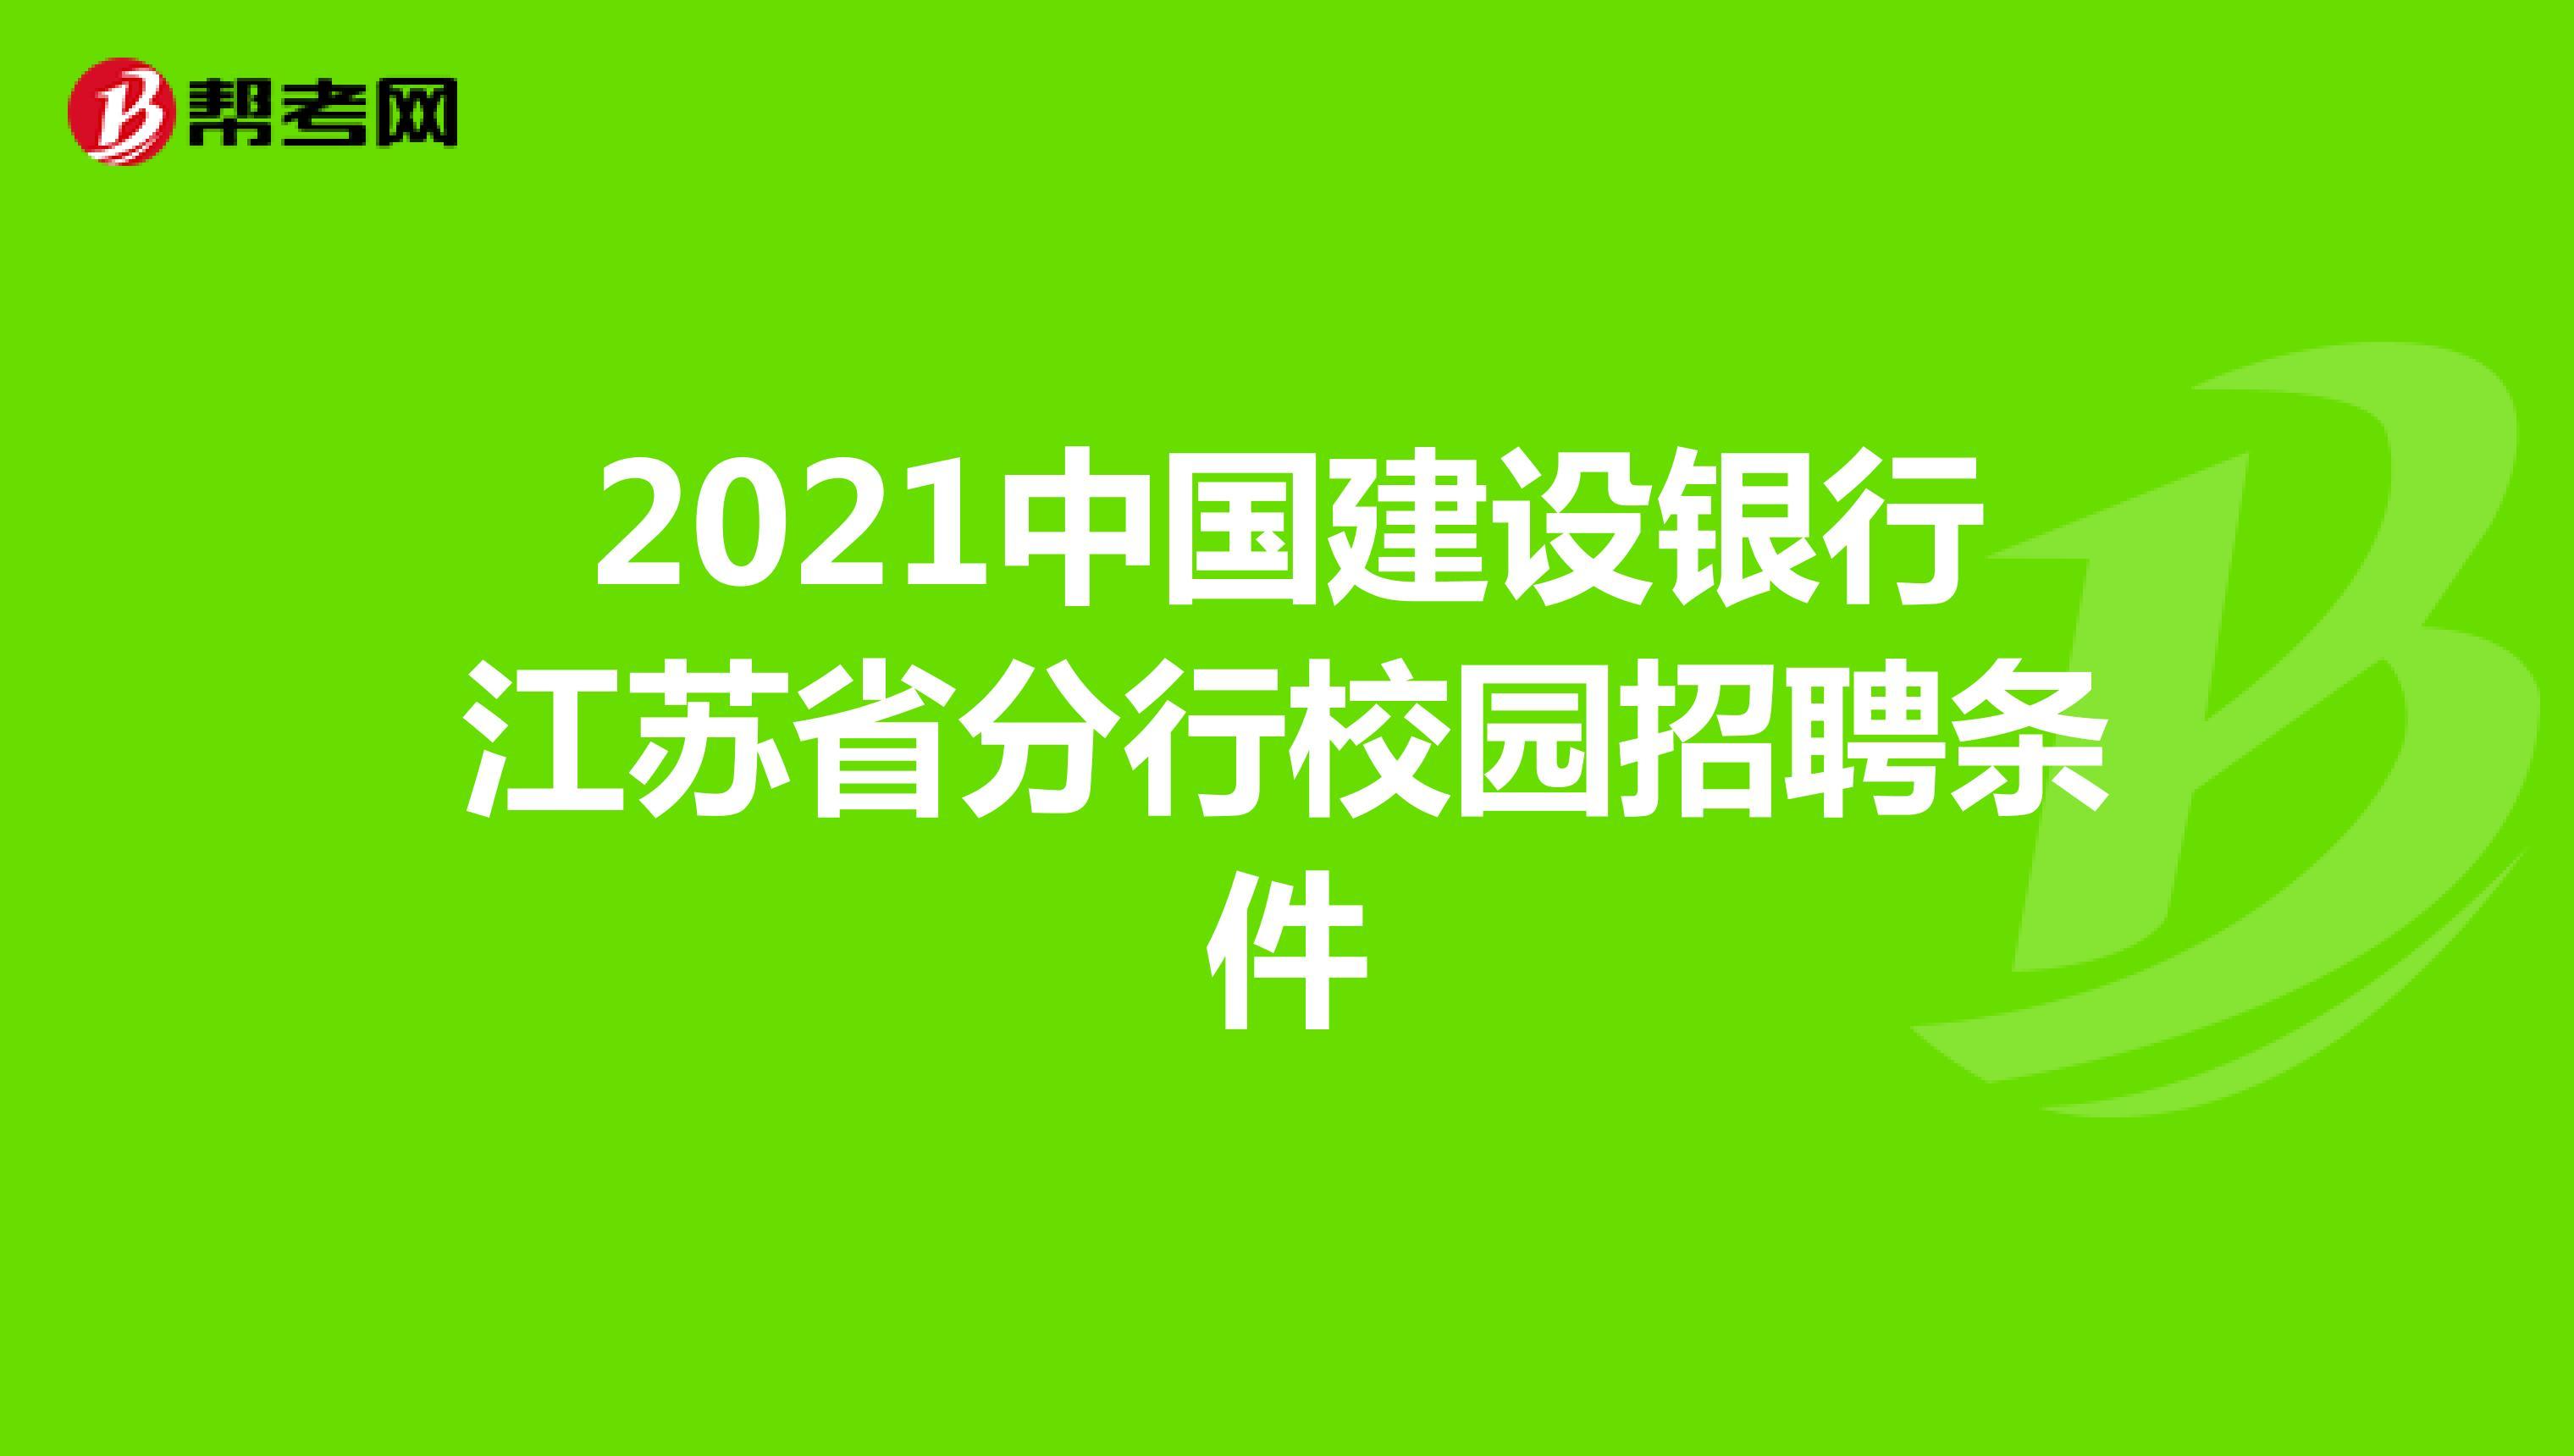 2021中国建设银行江苏省分行校园招聘条件